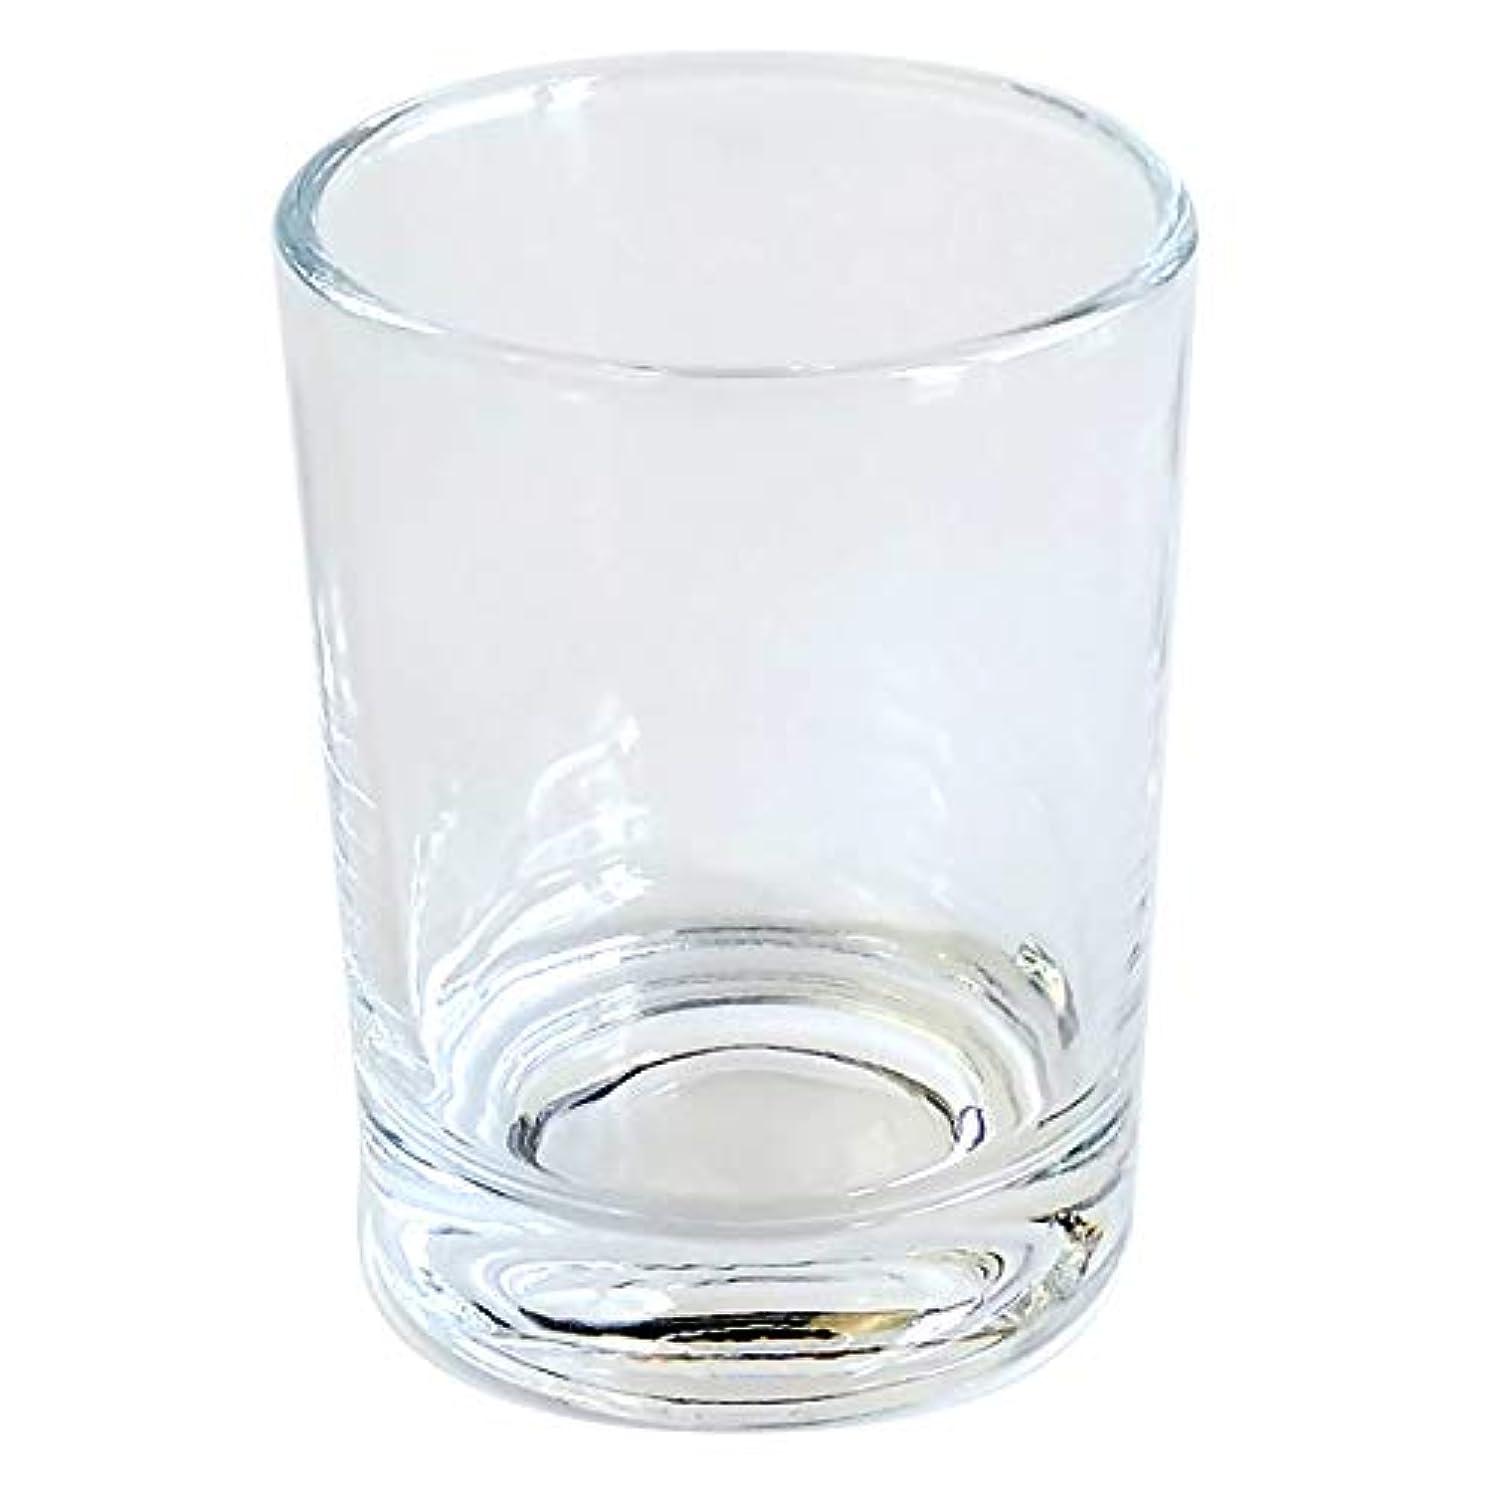 日帰り旅行にだらしない太鼓腹キャンドルホルダー ガラス シンプル[大] 1個 キャンドルスタンド ろうそく立て おしゃれ